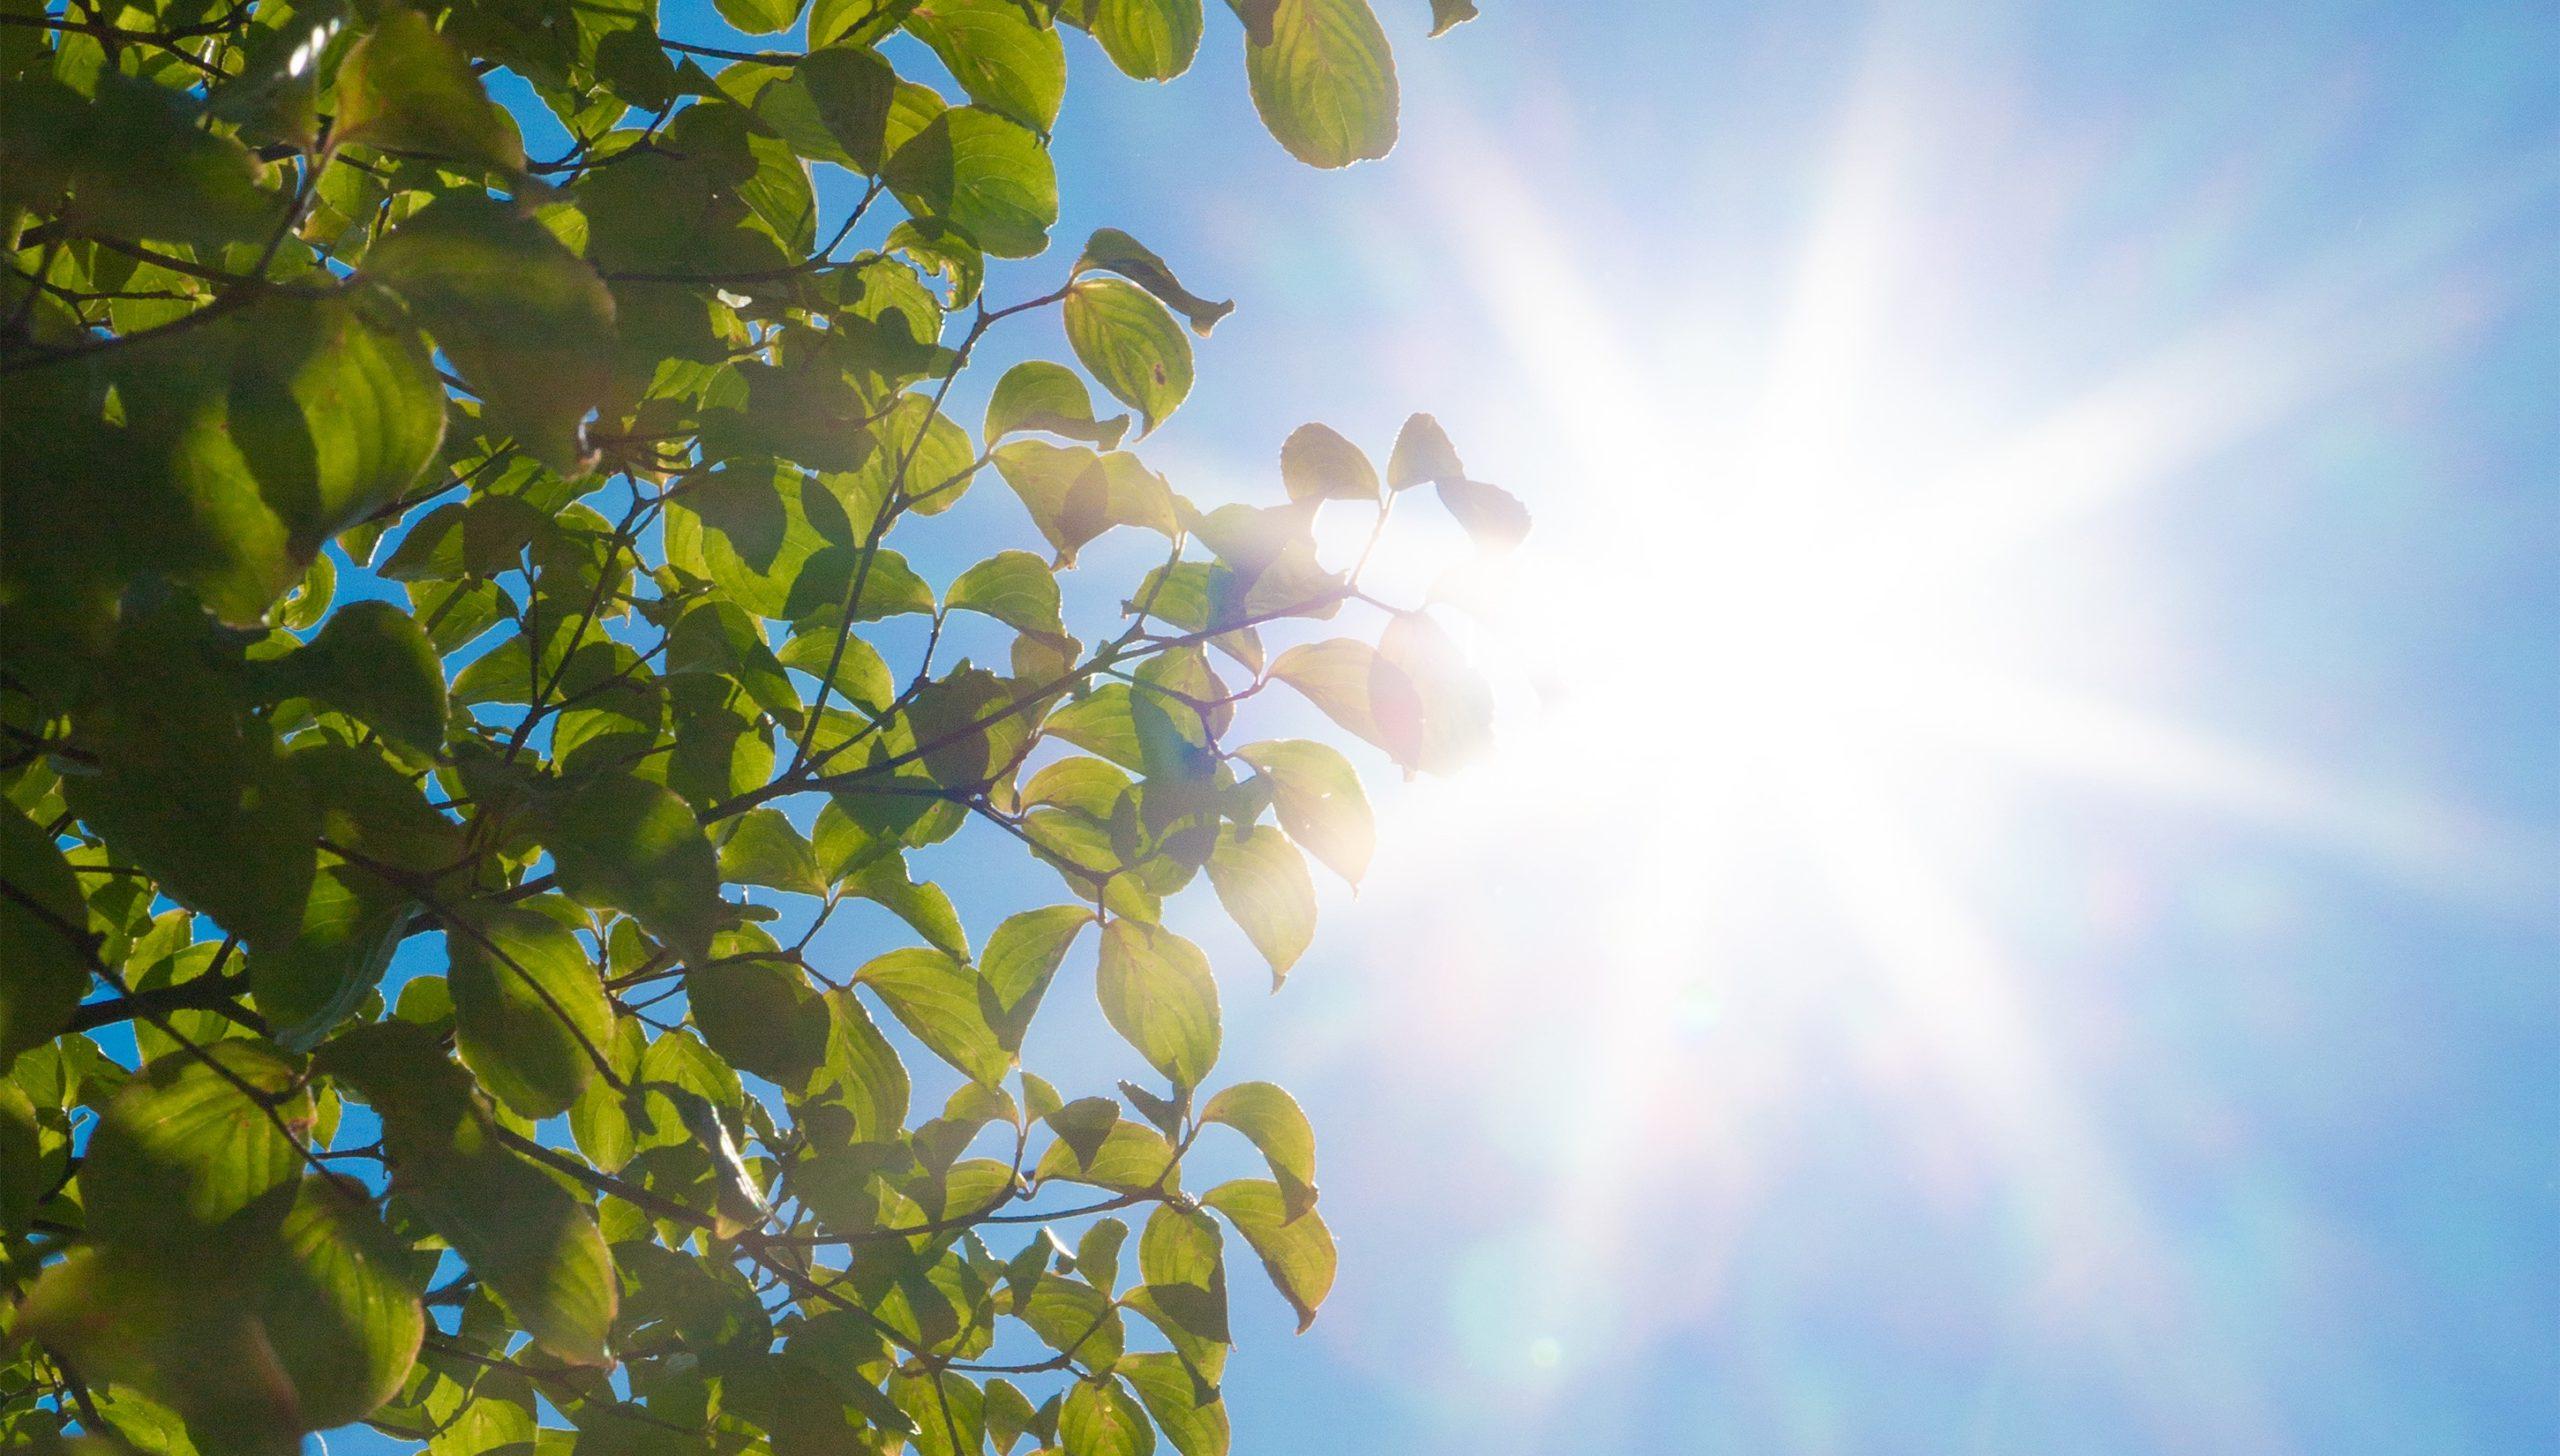 陽射し 熱中症対策